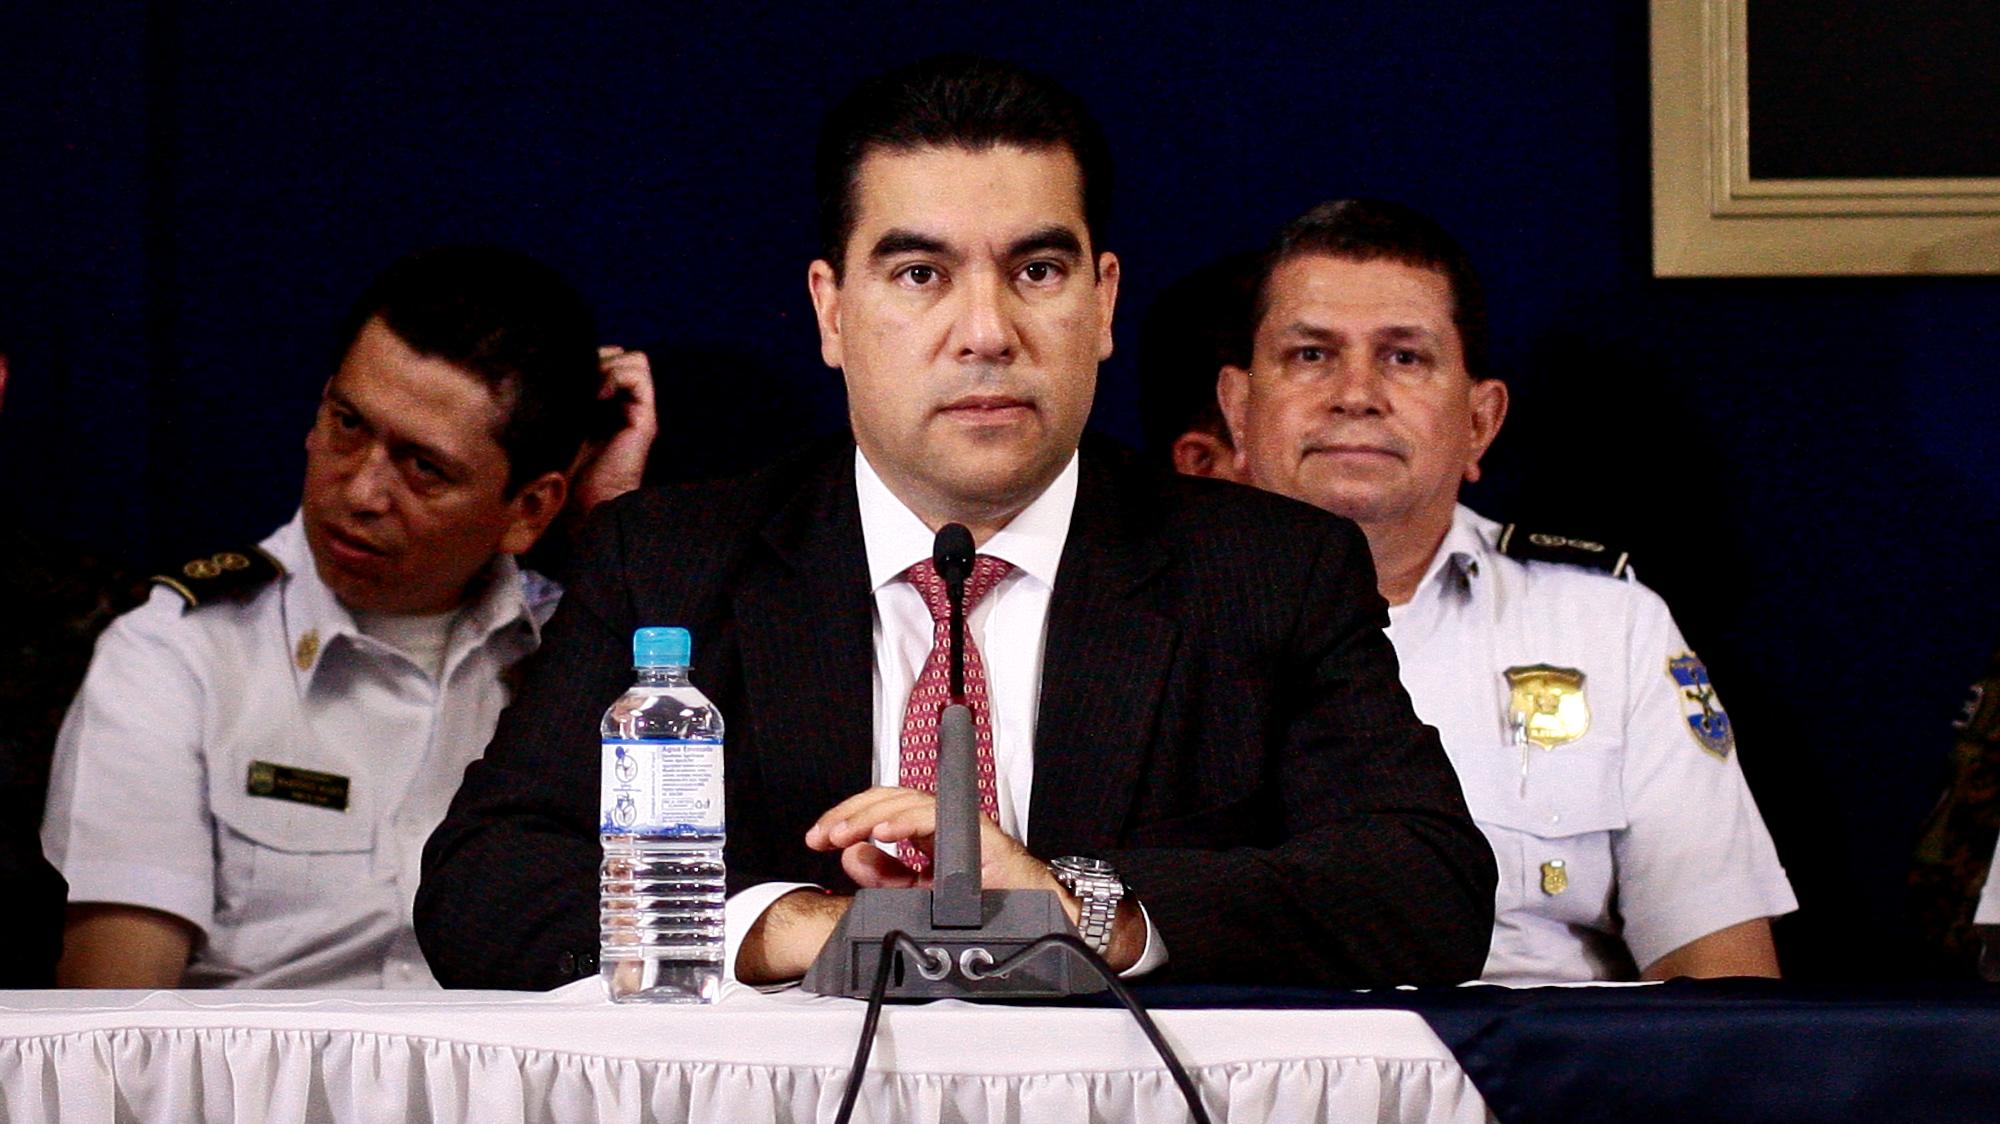 La nueva Fiscalía persigue a los fiscales que investigaron a Funes y Rais